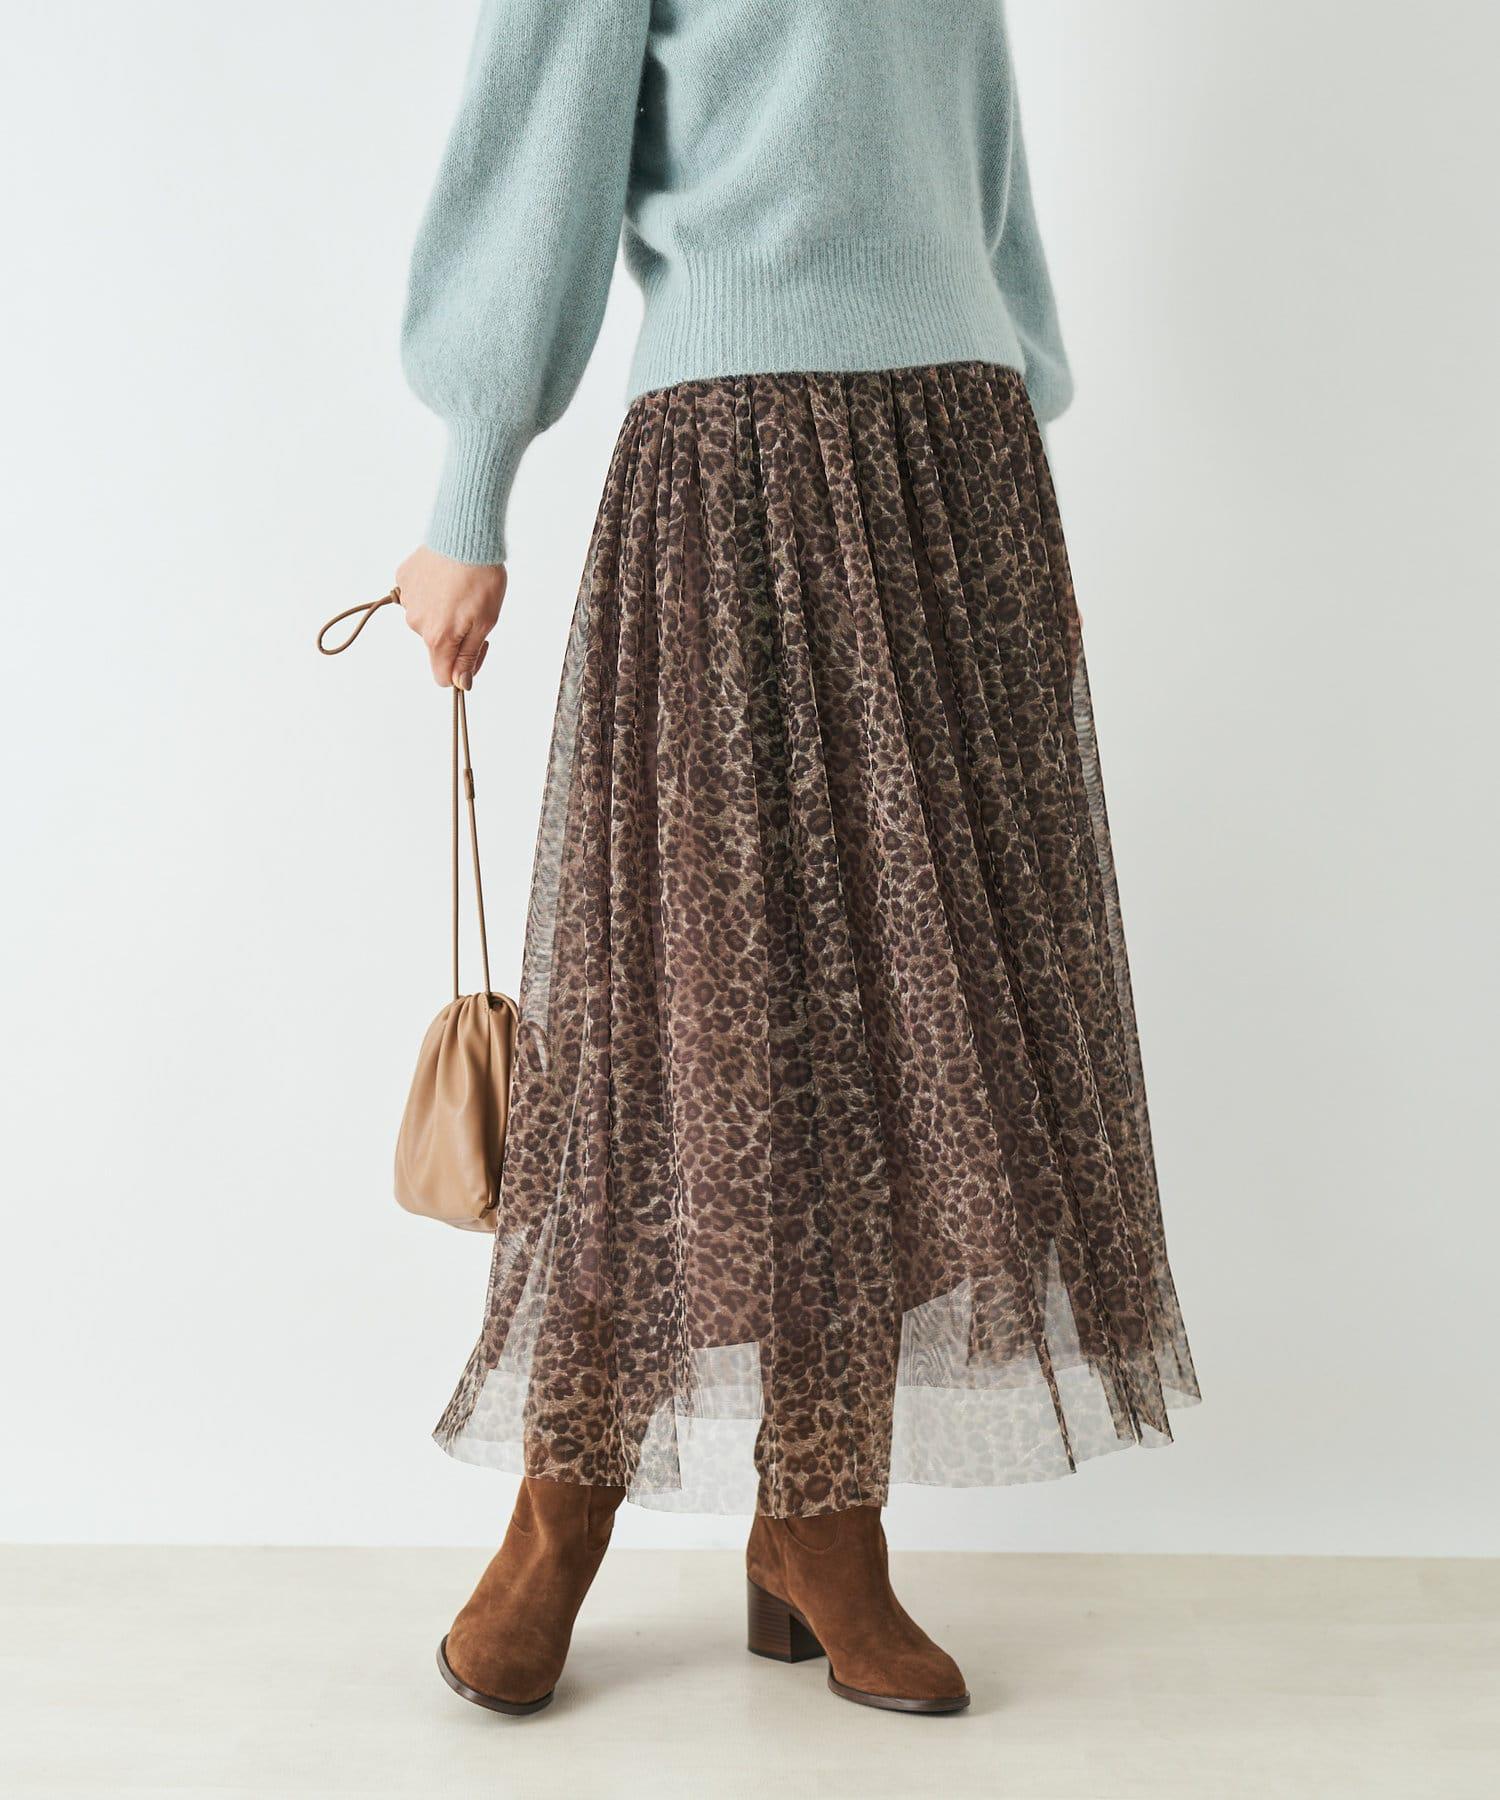 La boutique BonBon(ラブティックボンボン) レオパードチュールギャザーチュールスカート